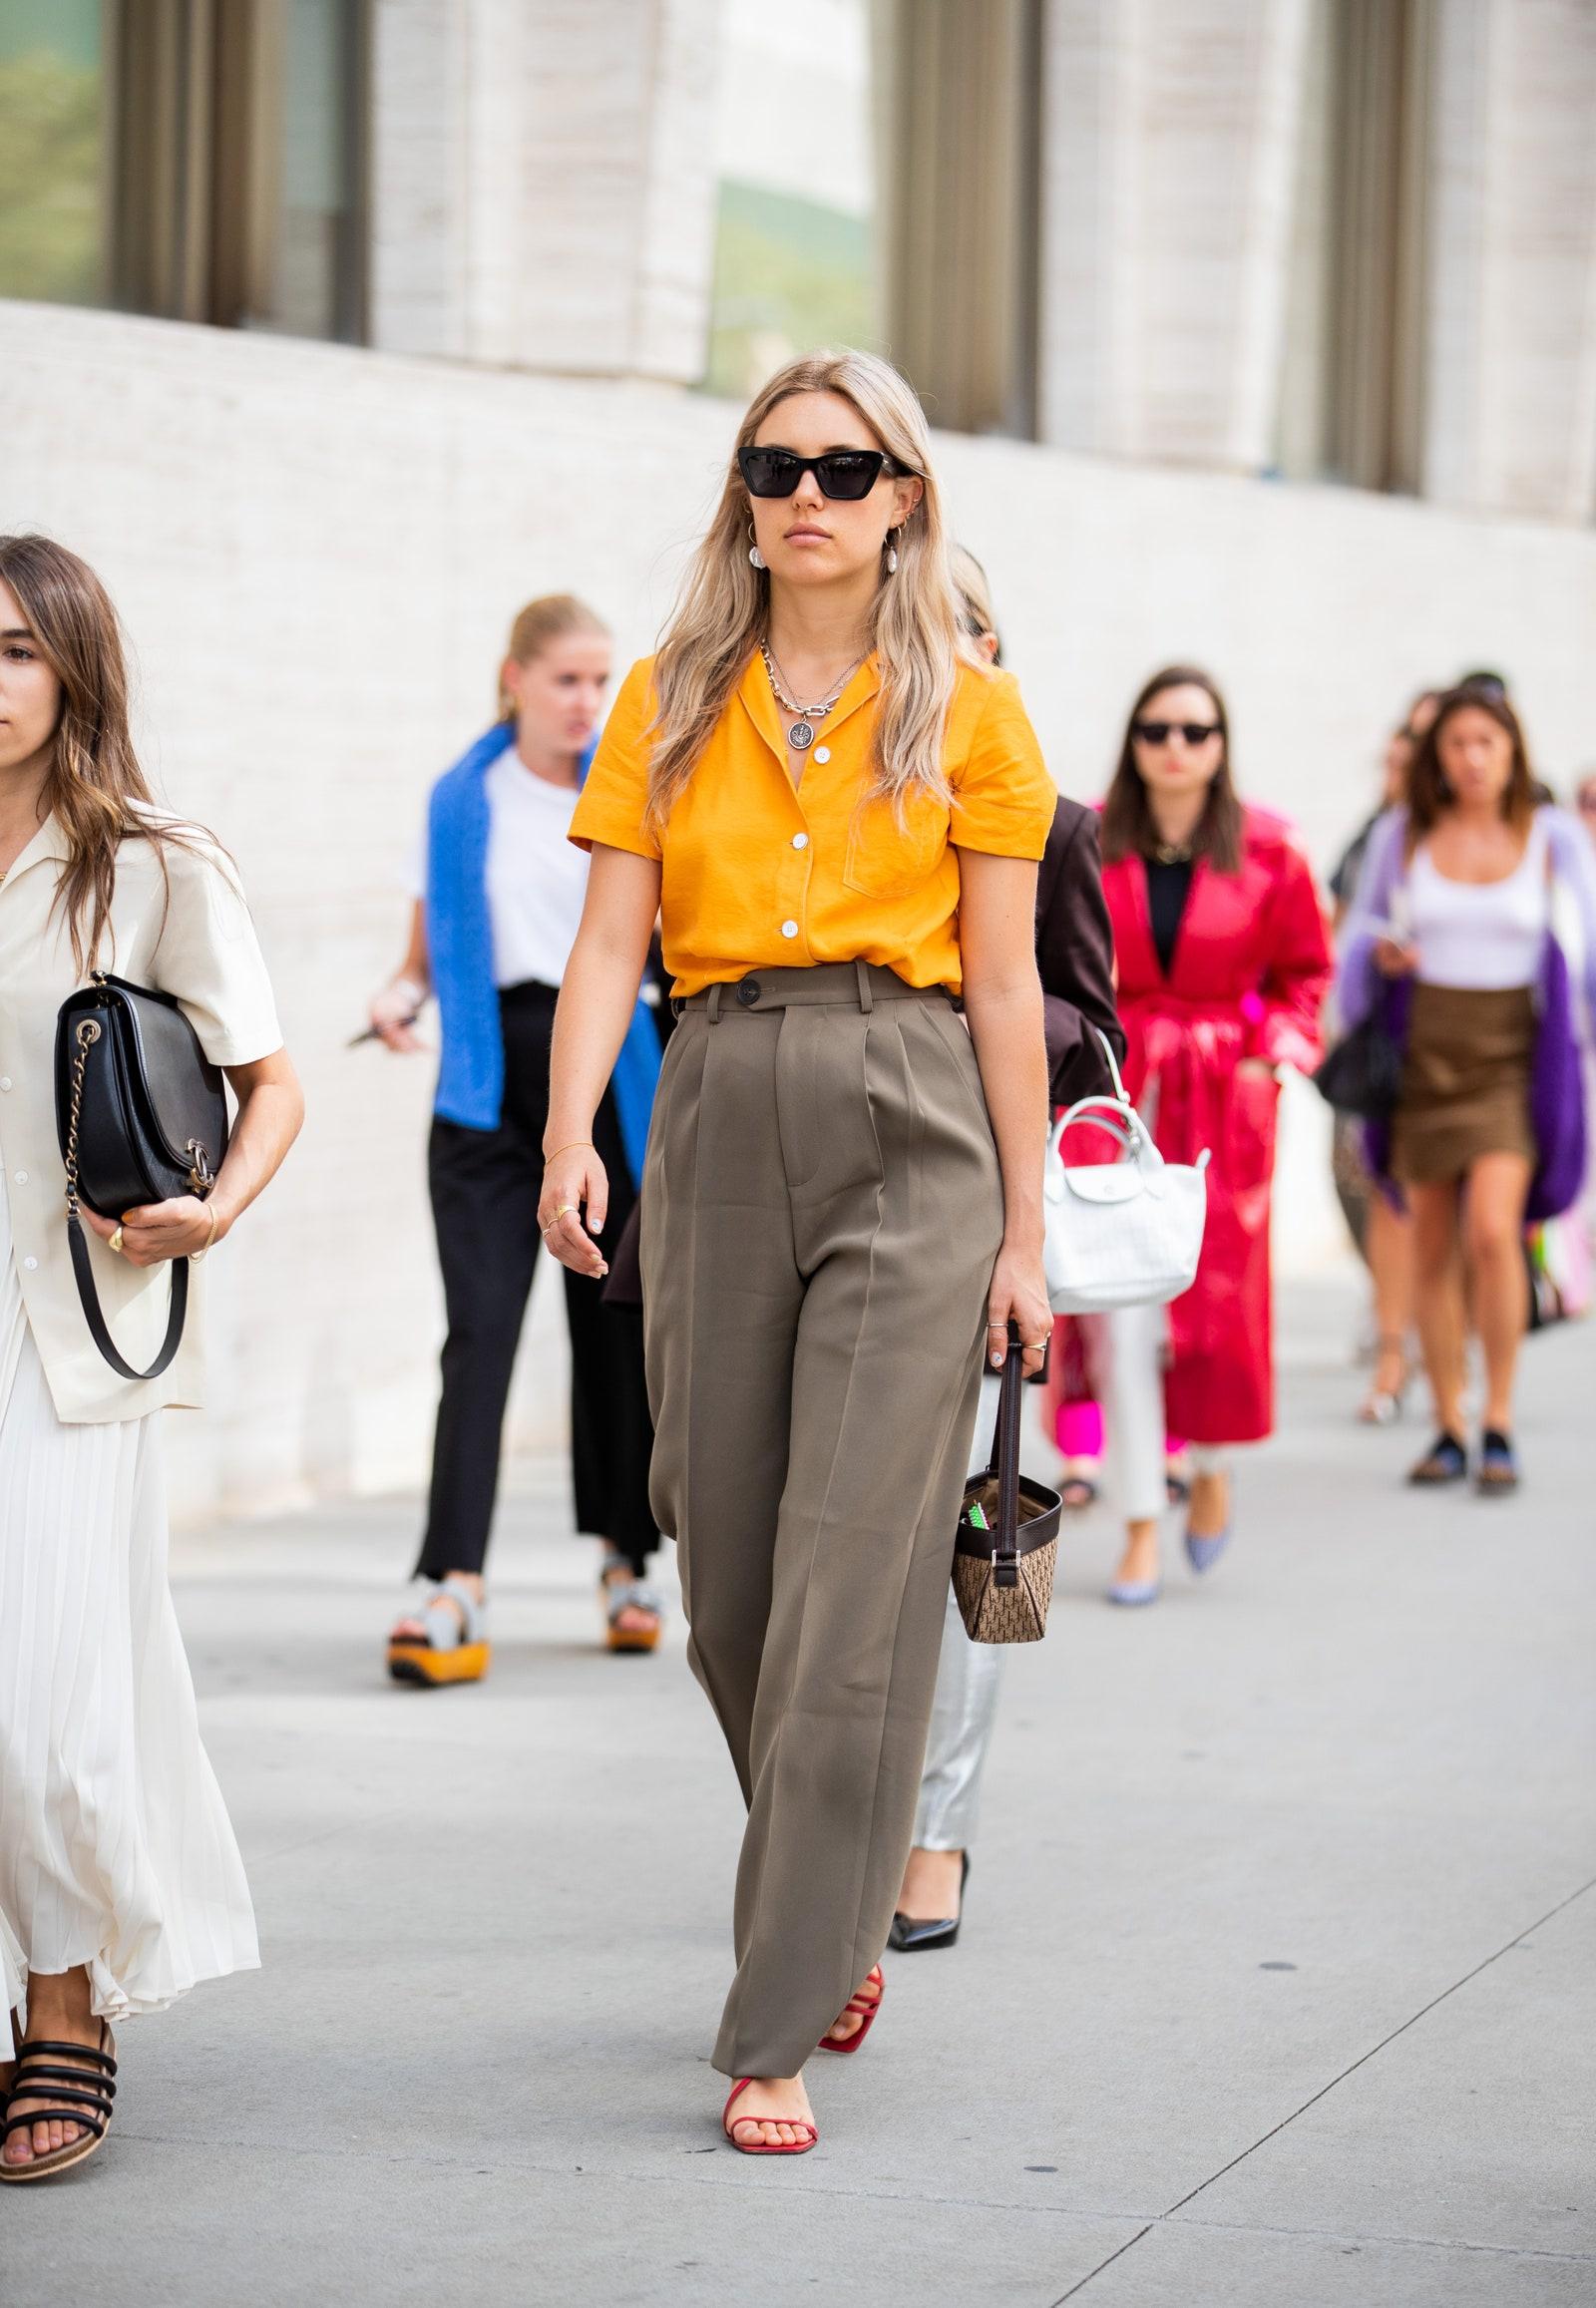 fashionista mặc áo vàng mù tạt và quần nâu